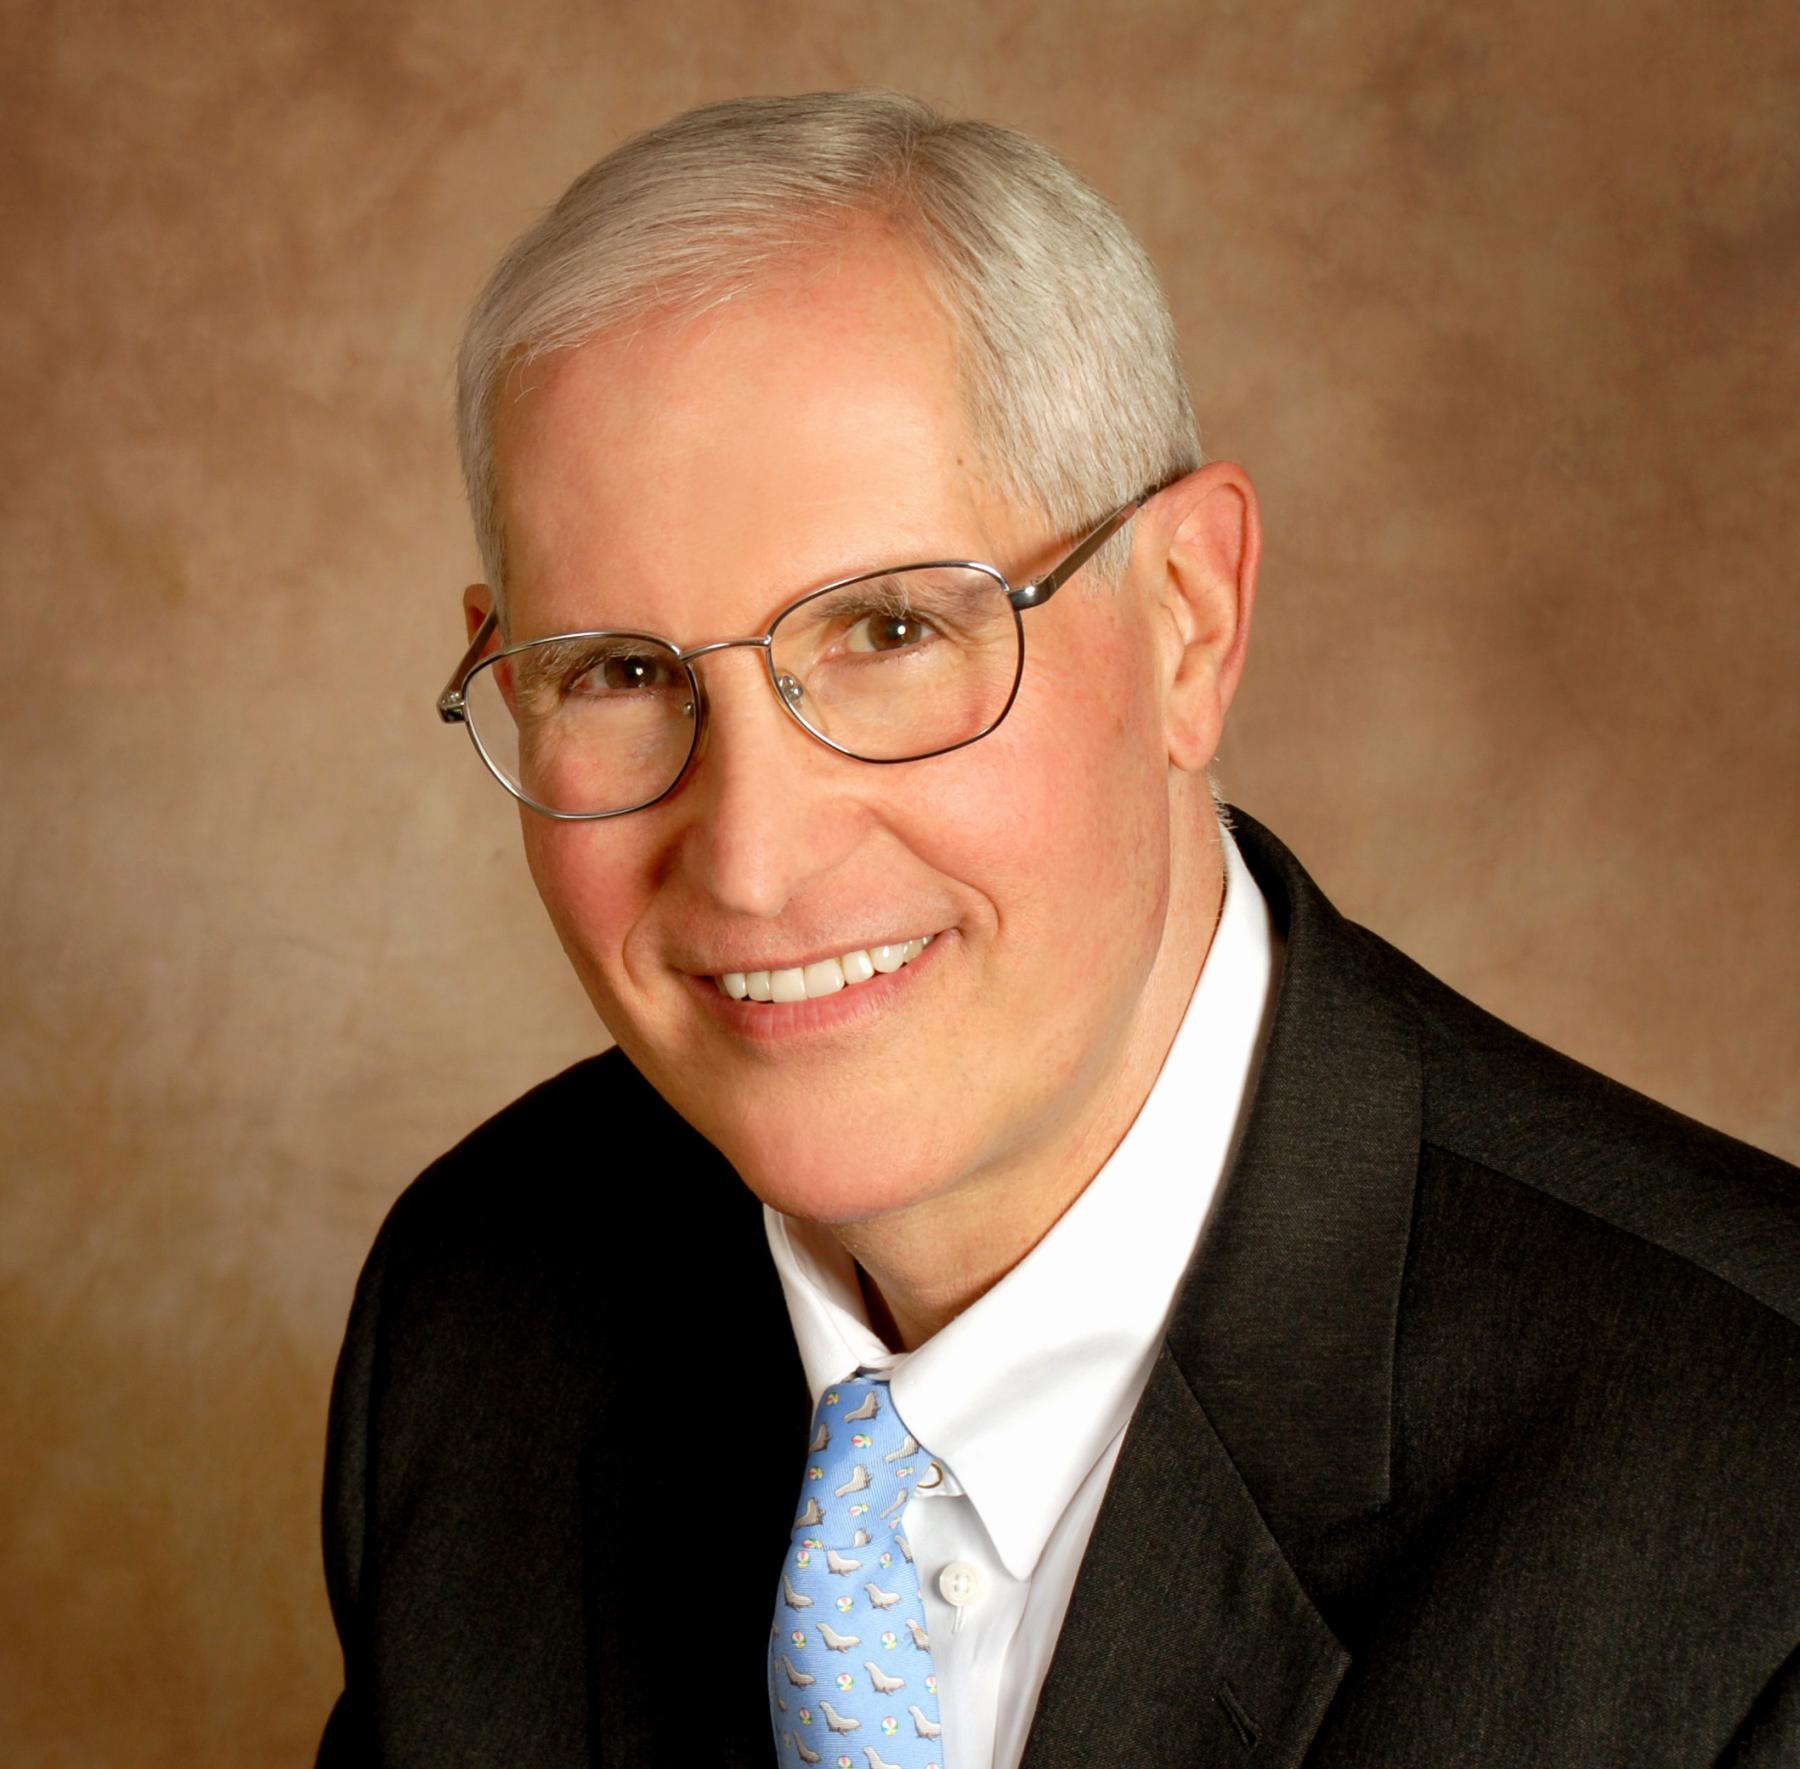 Gary J. Lavine